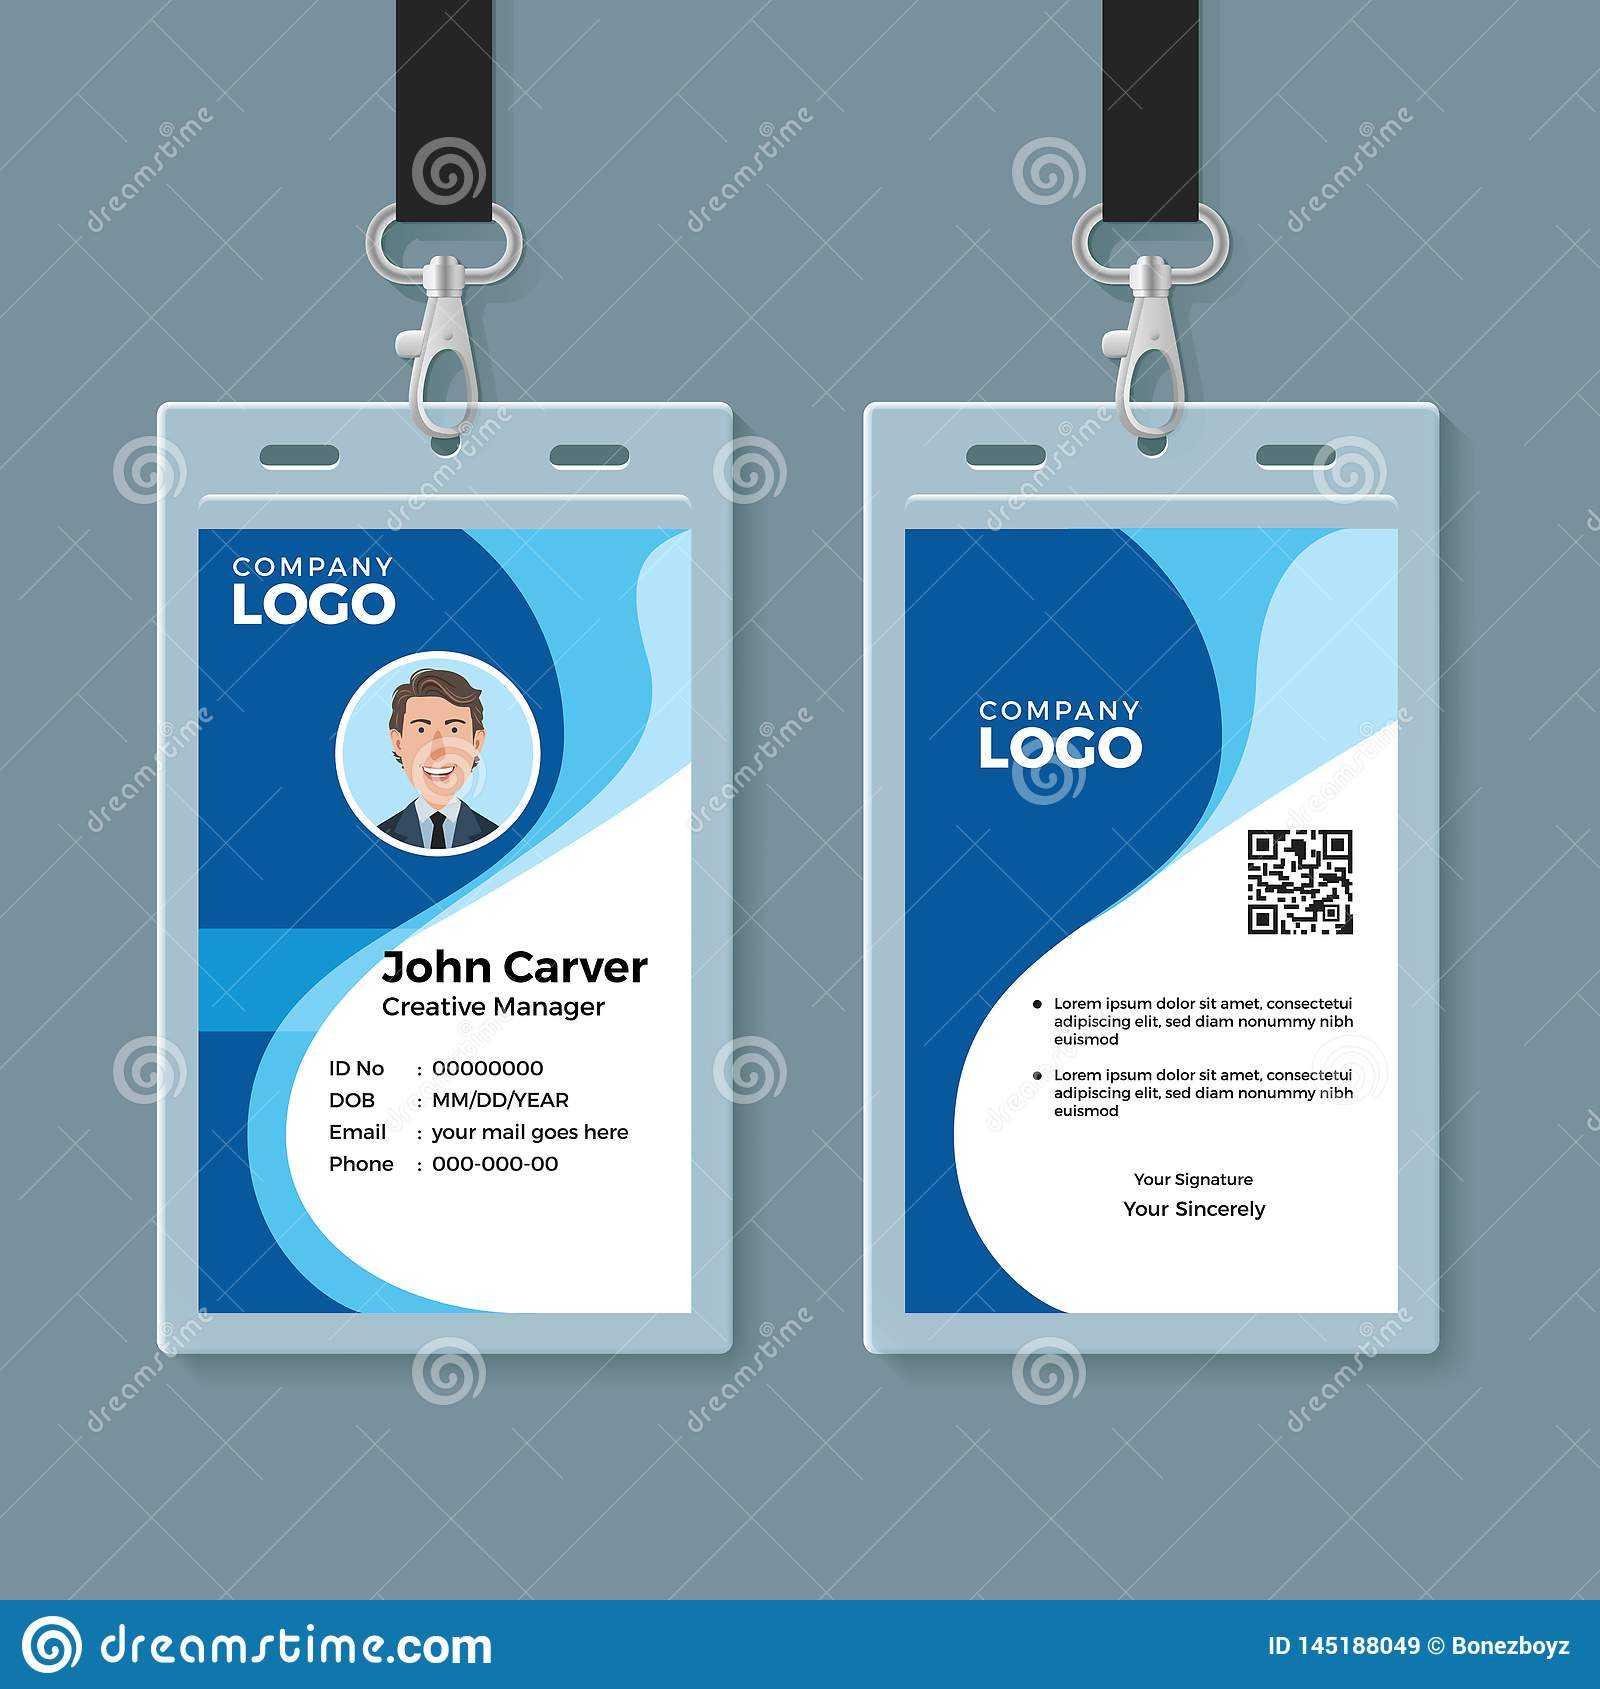 Blue Curve Wave Id Card Design Template Stock Vector In Company Id Card Design Template